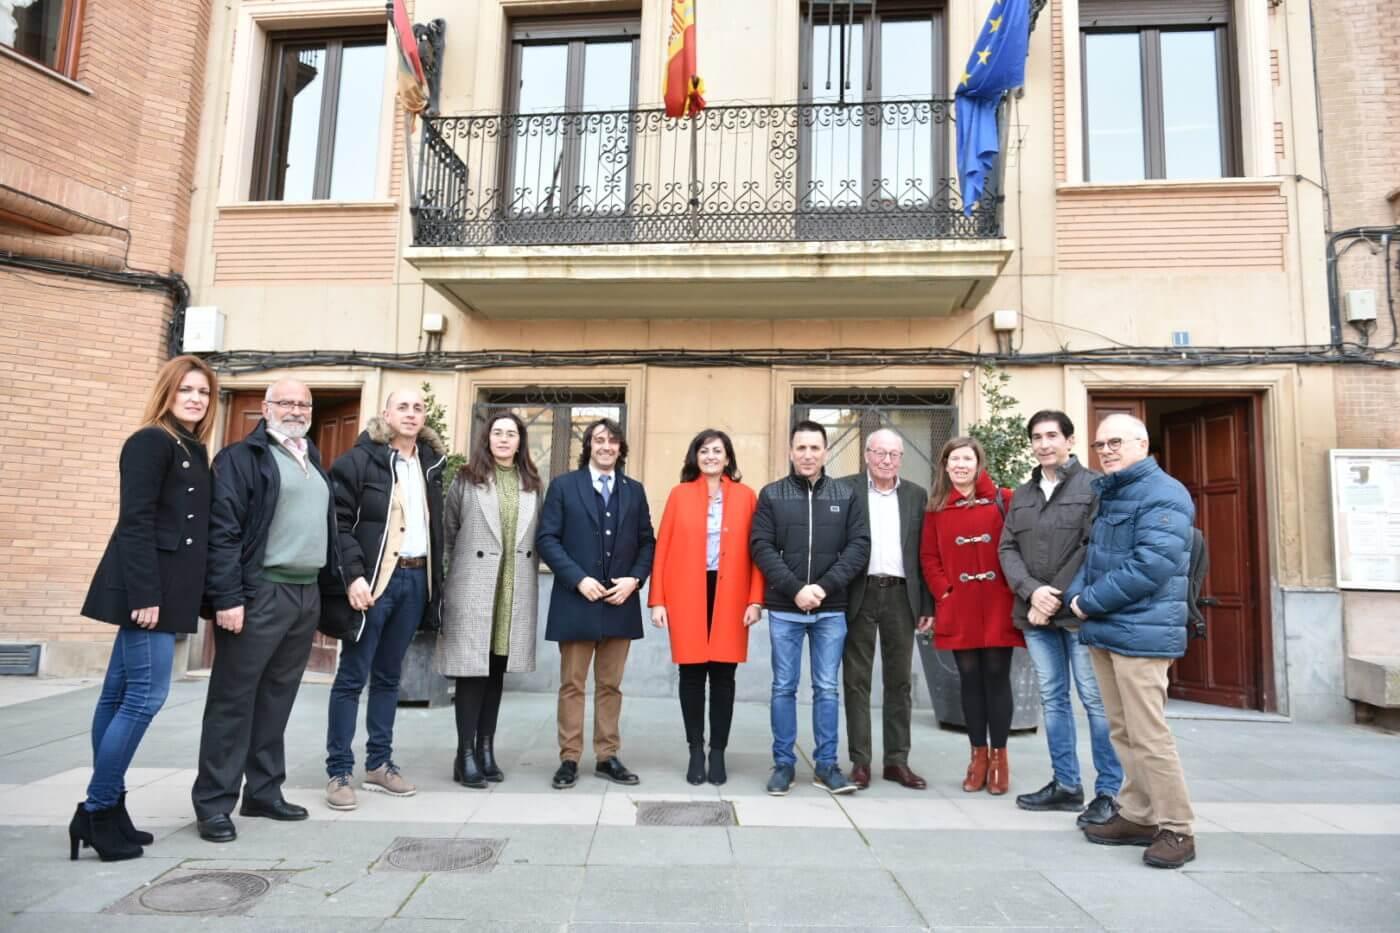 La presidenta Andreu se reúne con los alcaldes de Alfaro y de la comarca de Calahorra para conocer sus demandas